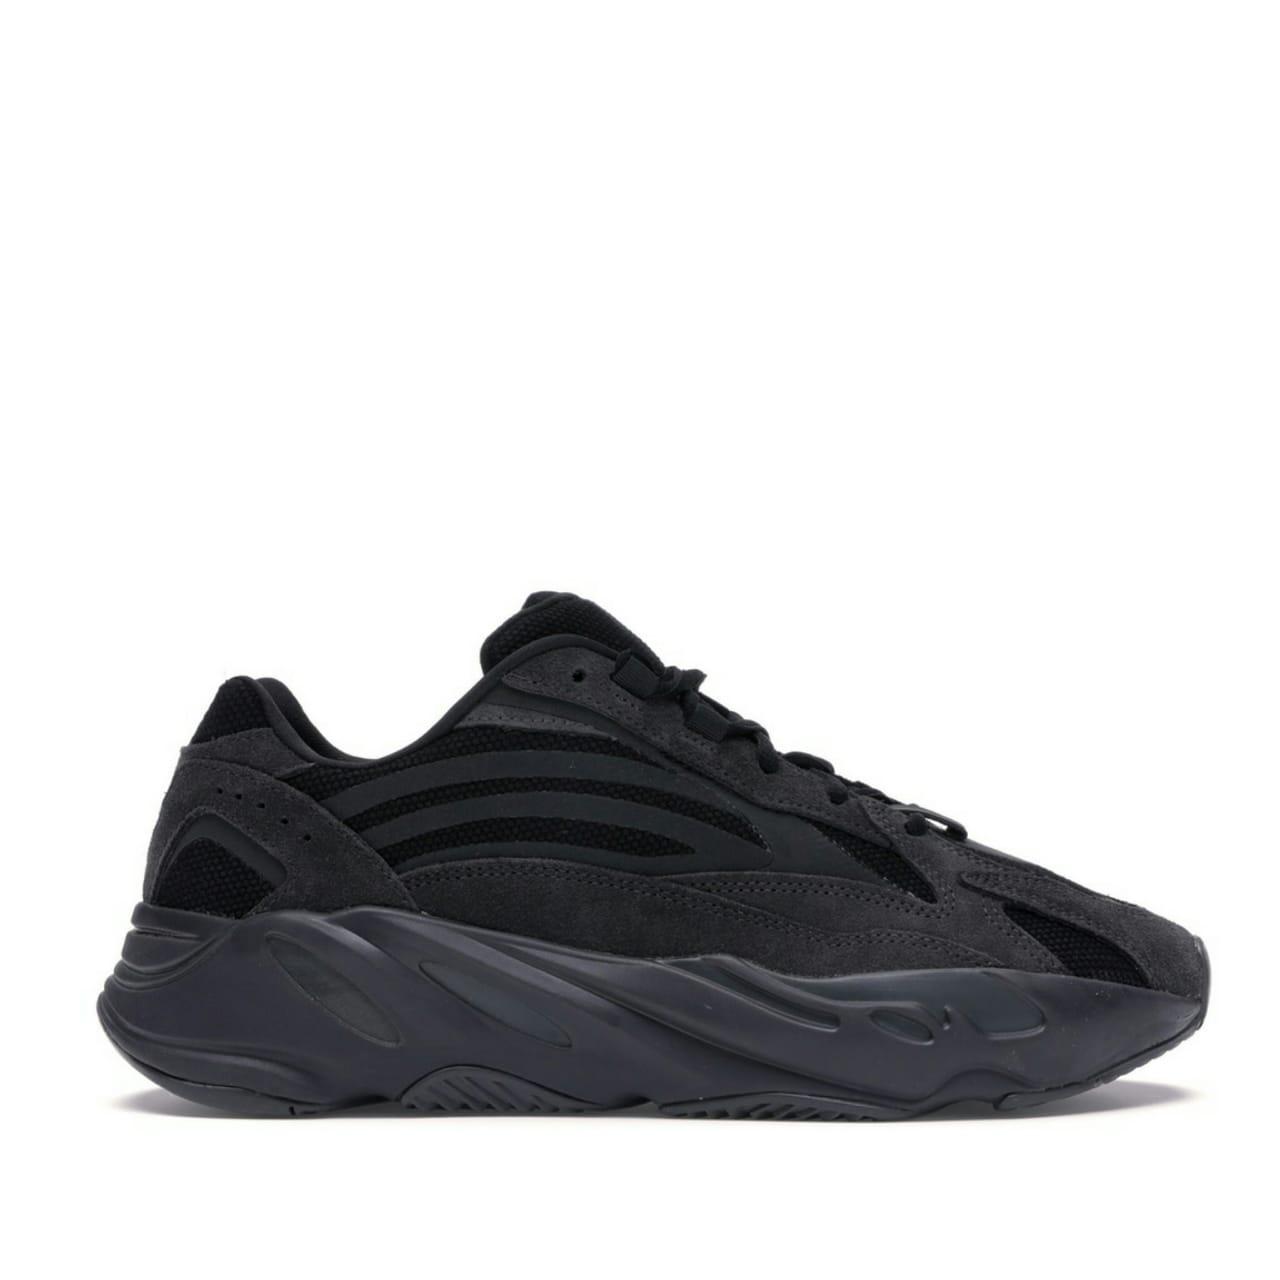 Yeezy 700 V2 'Vanta' | Adidas